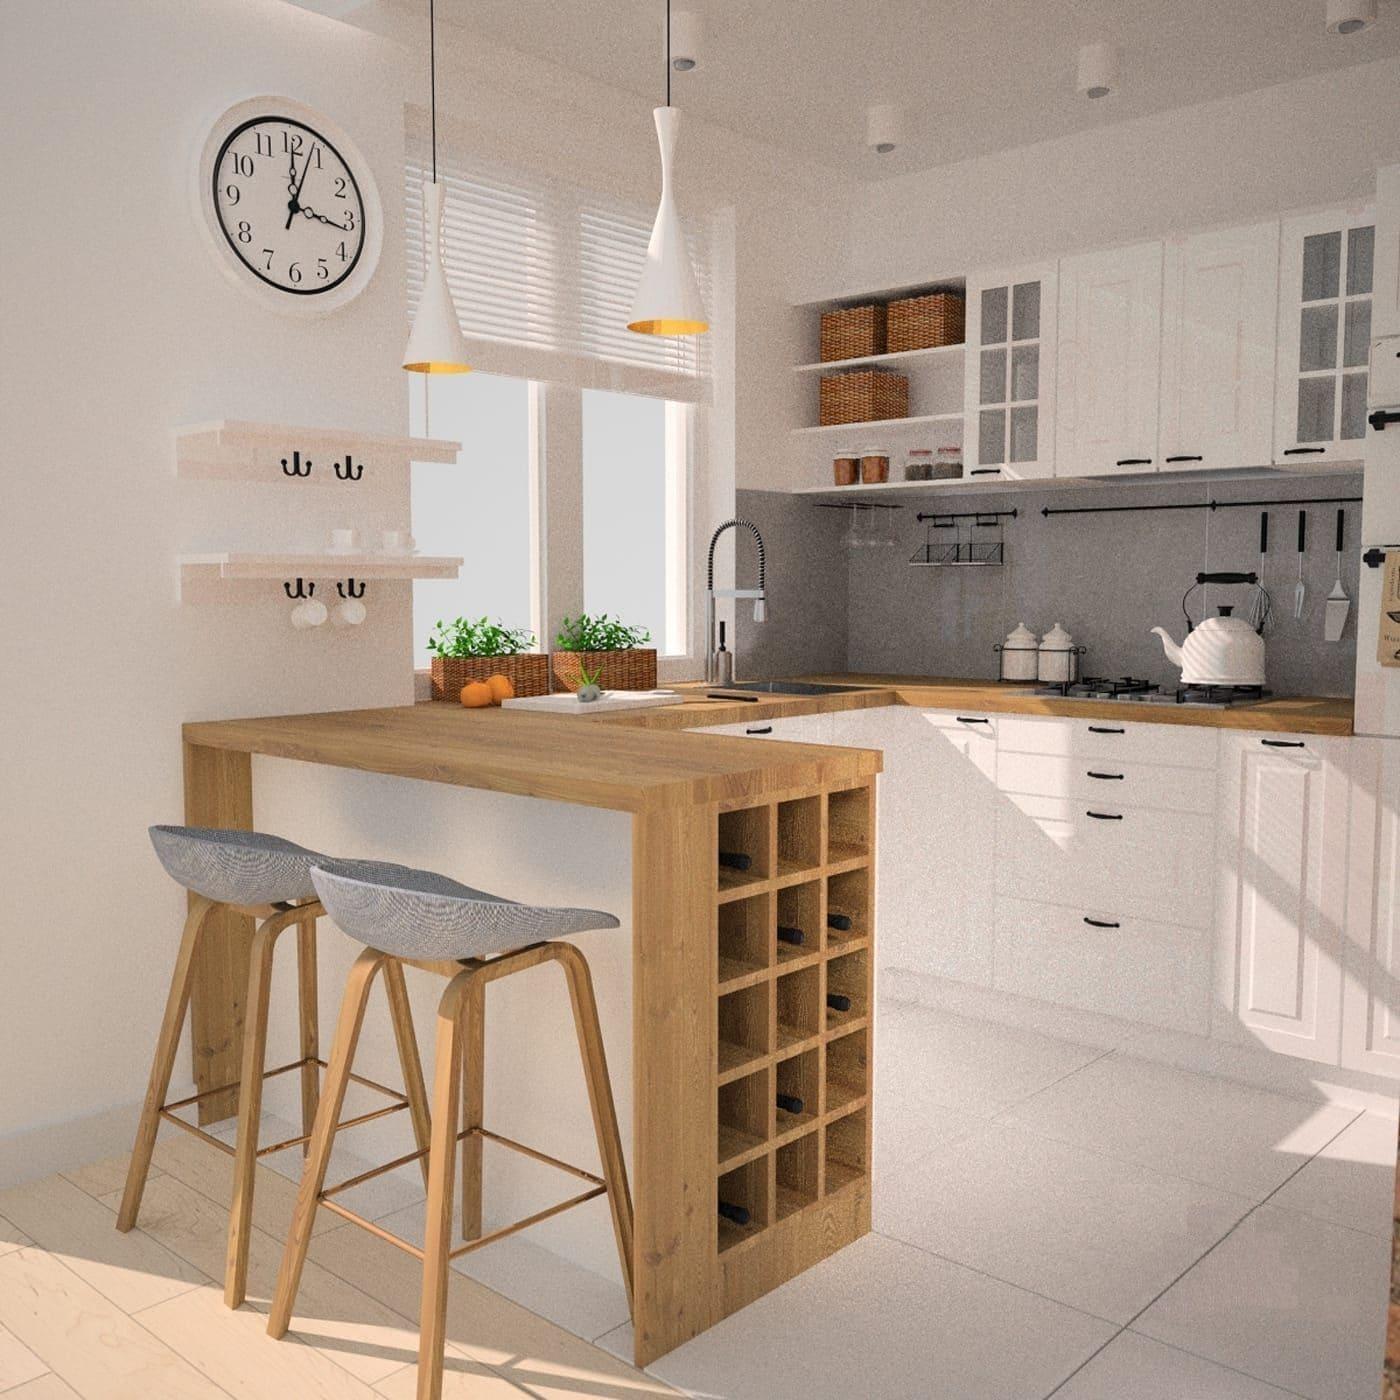 барная стойка на кухне фото 7